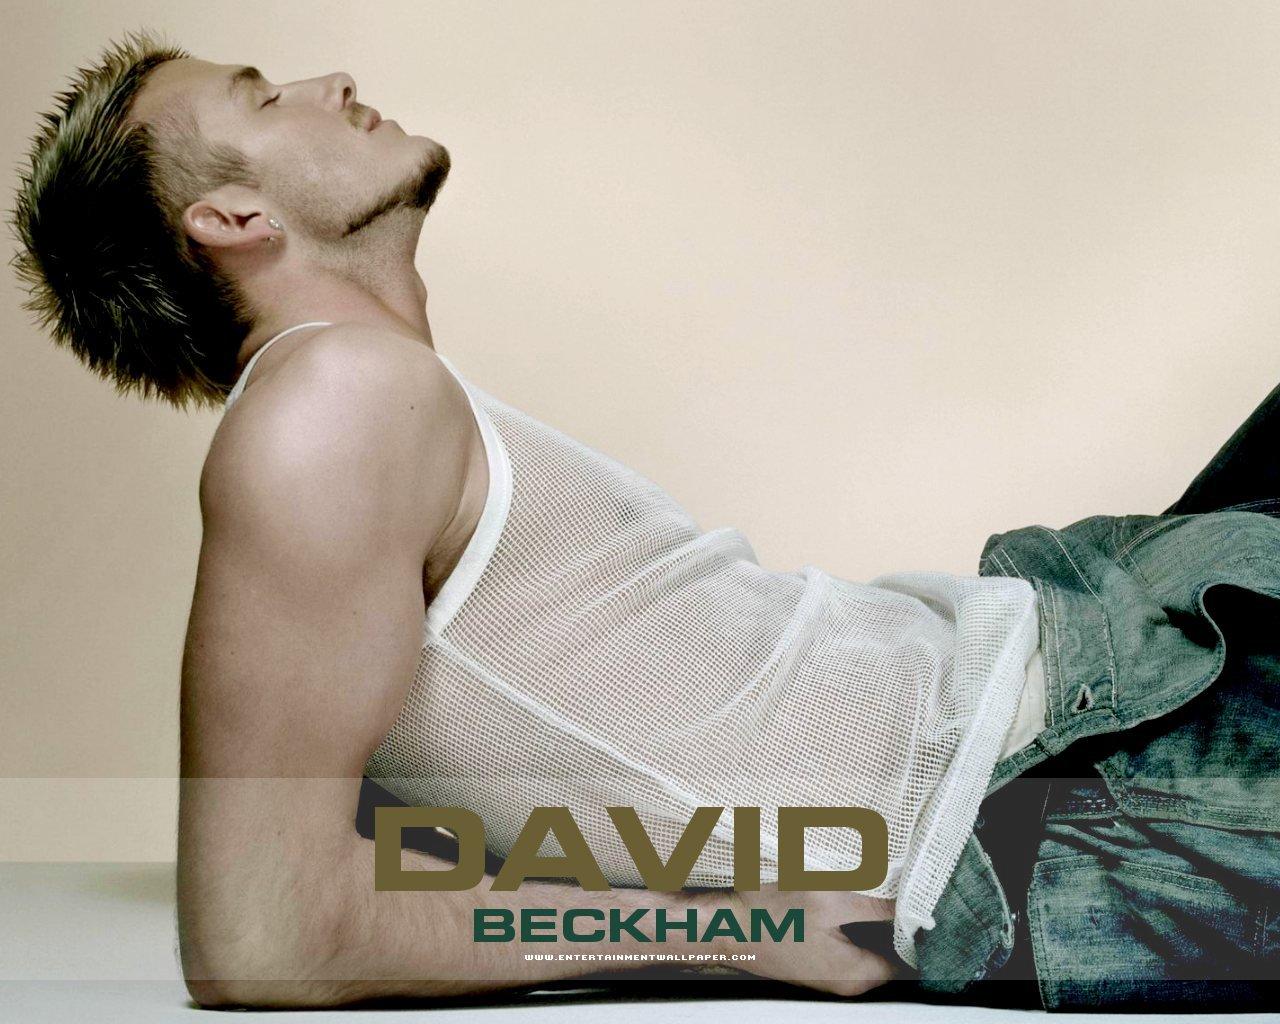 http://3.bp.blogspot.com/-ei9XVpbynt0/TtuhMVJ9rDI/AAAAAAAAIxE/BMcAt2P33vs/s1600/david_beckham01.jpg